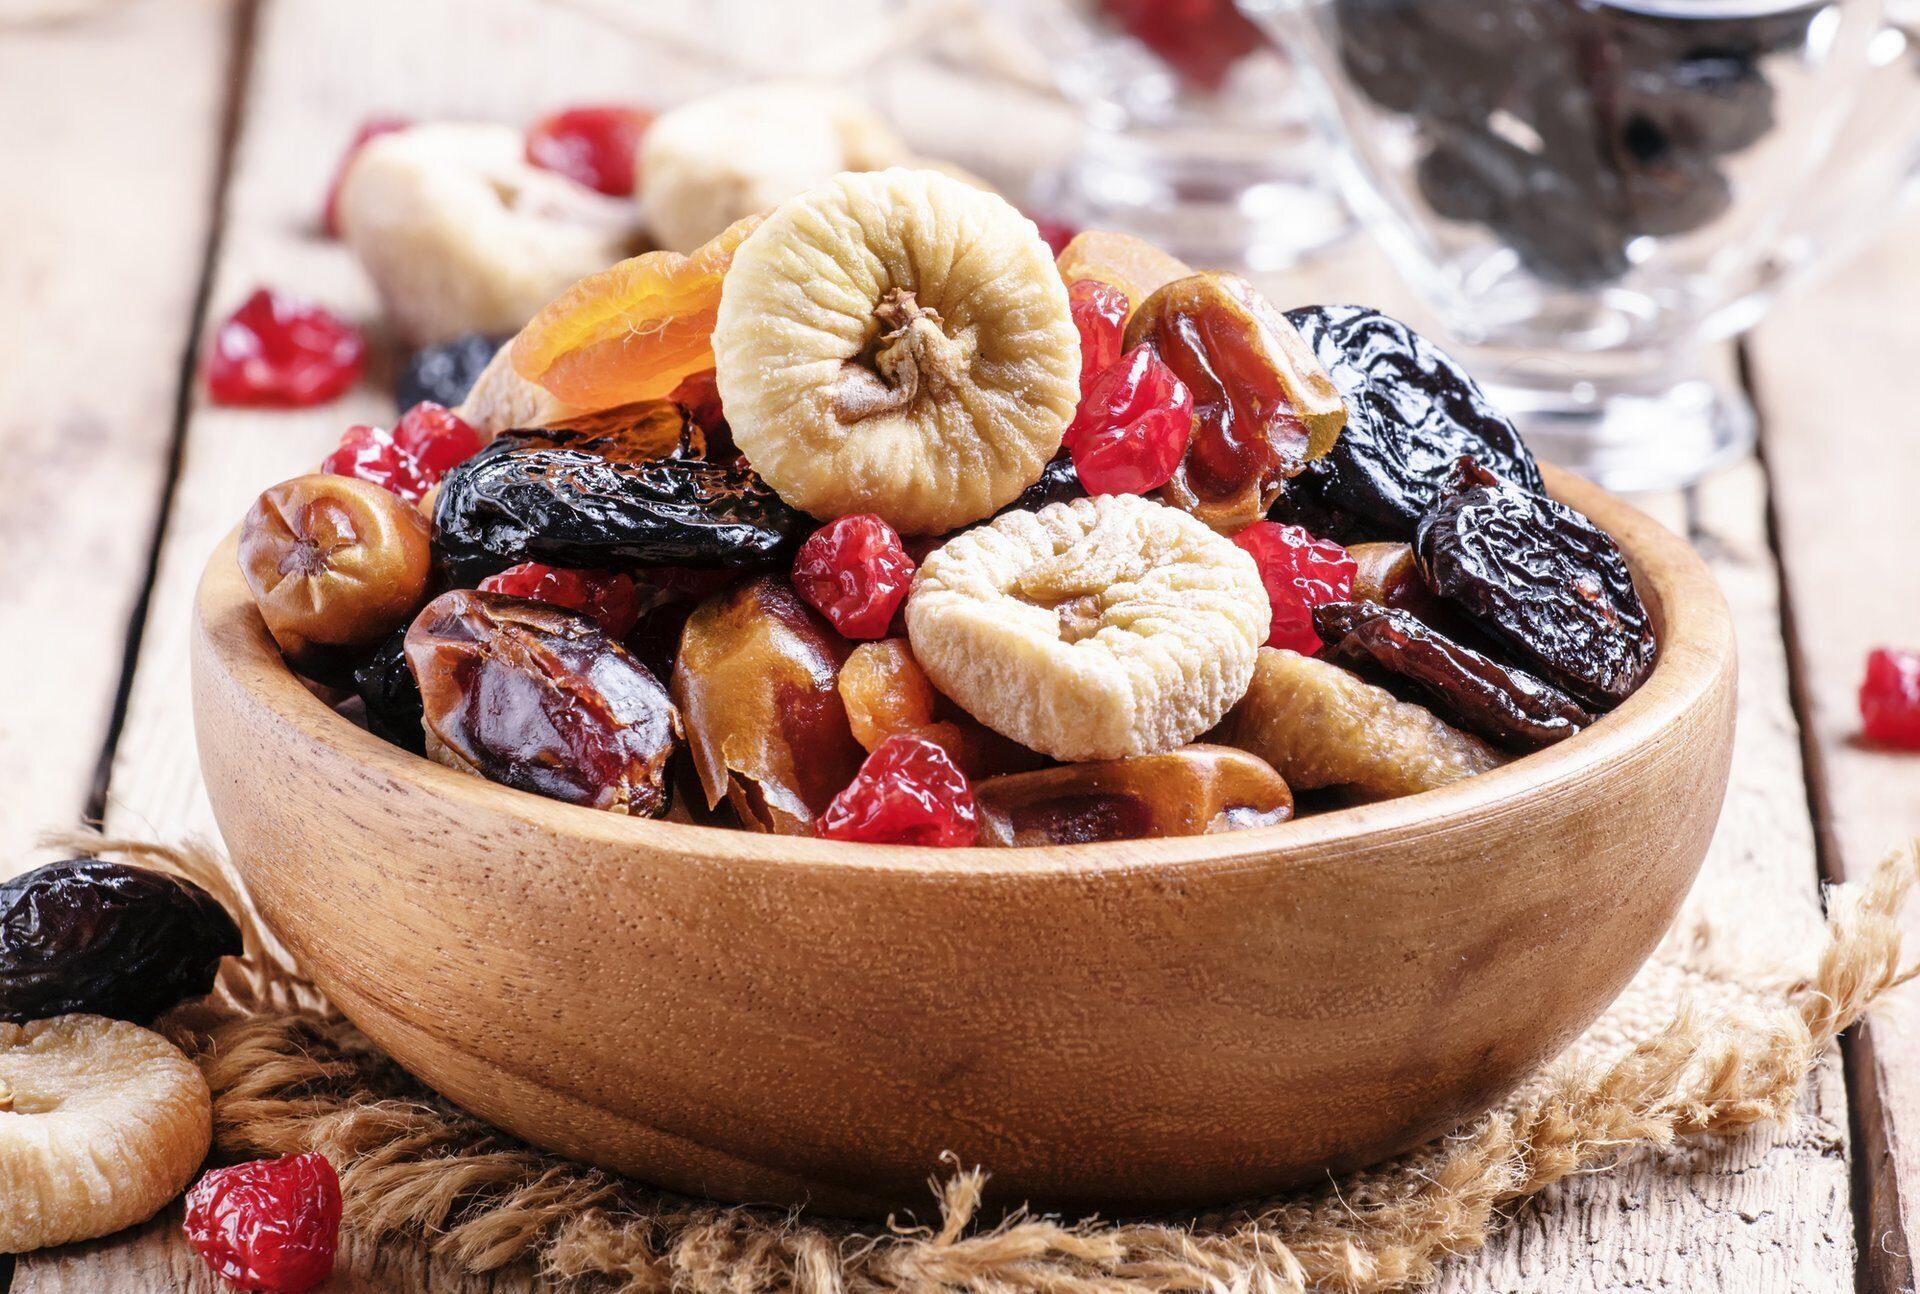 Cублимированные ягоды и фрукты